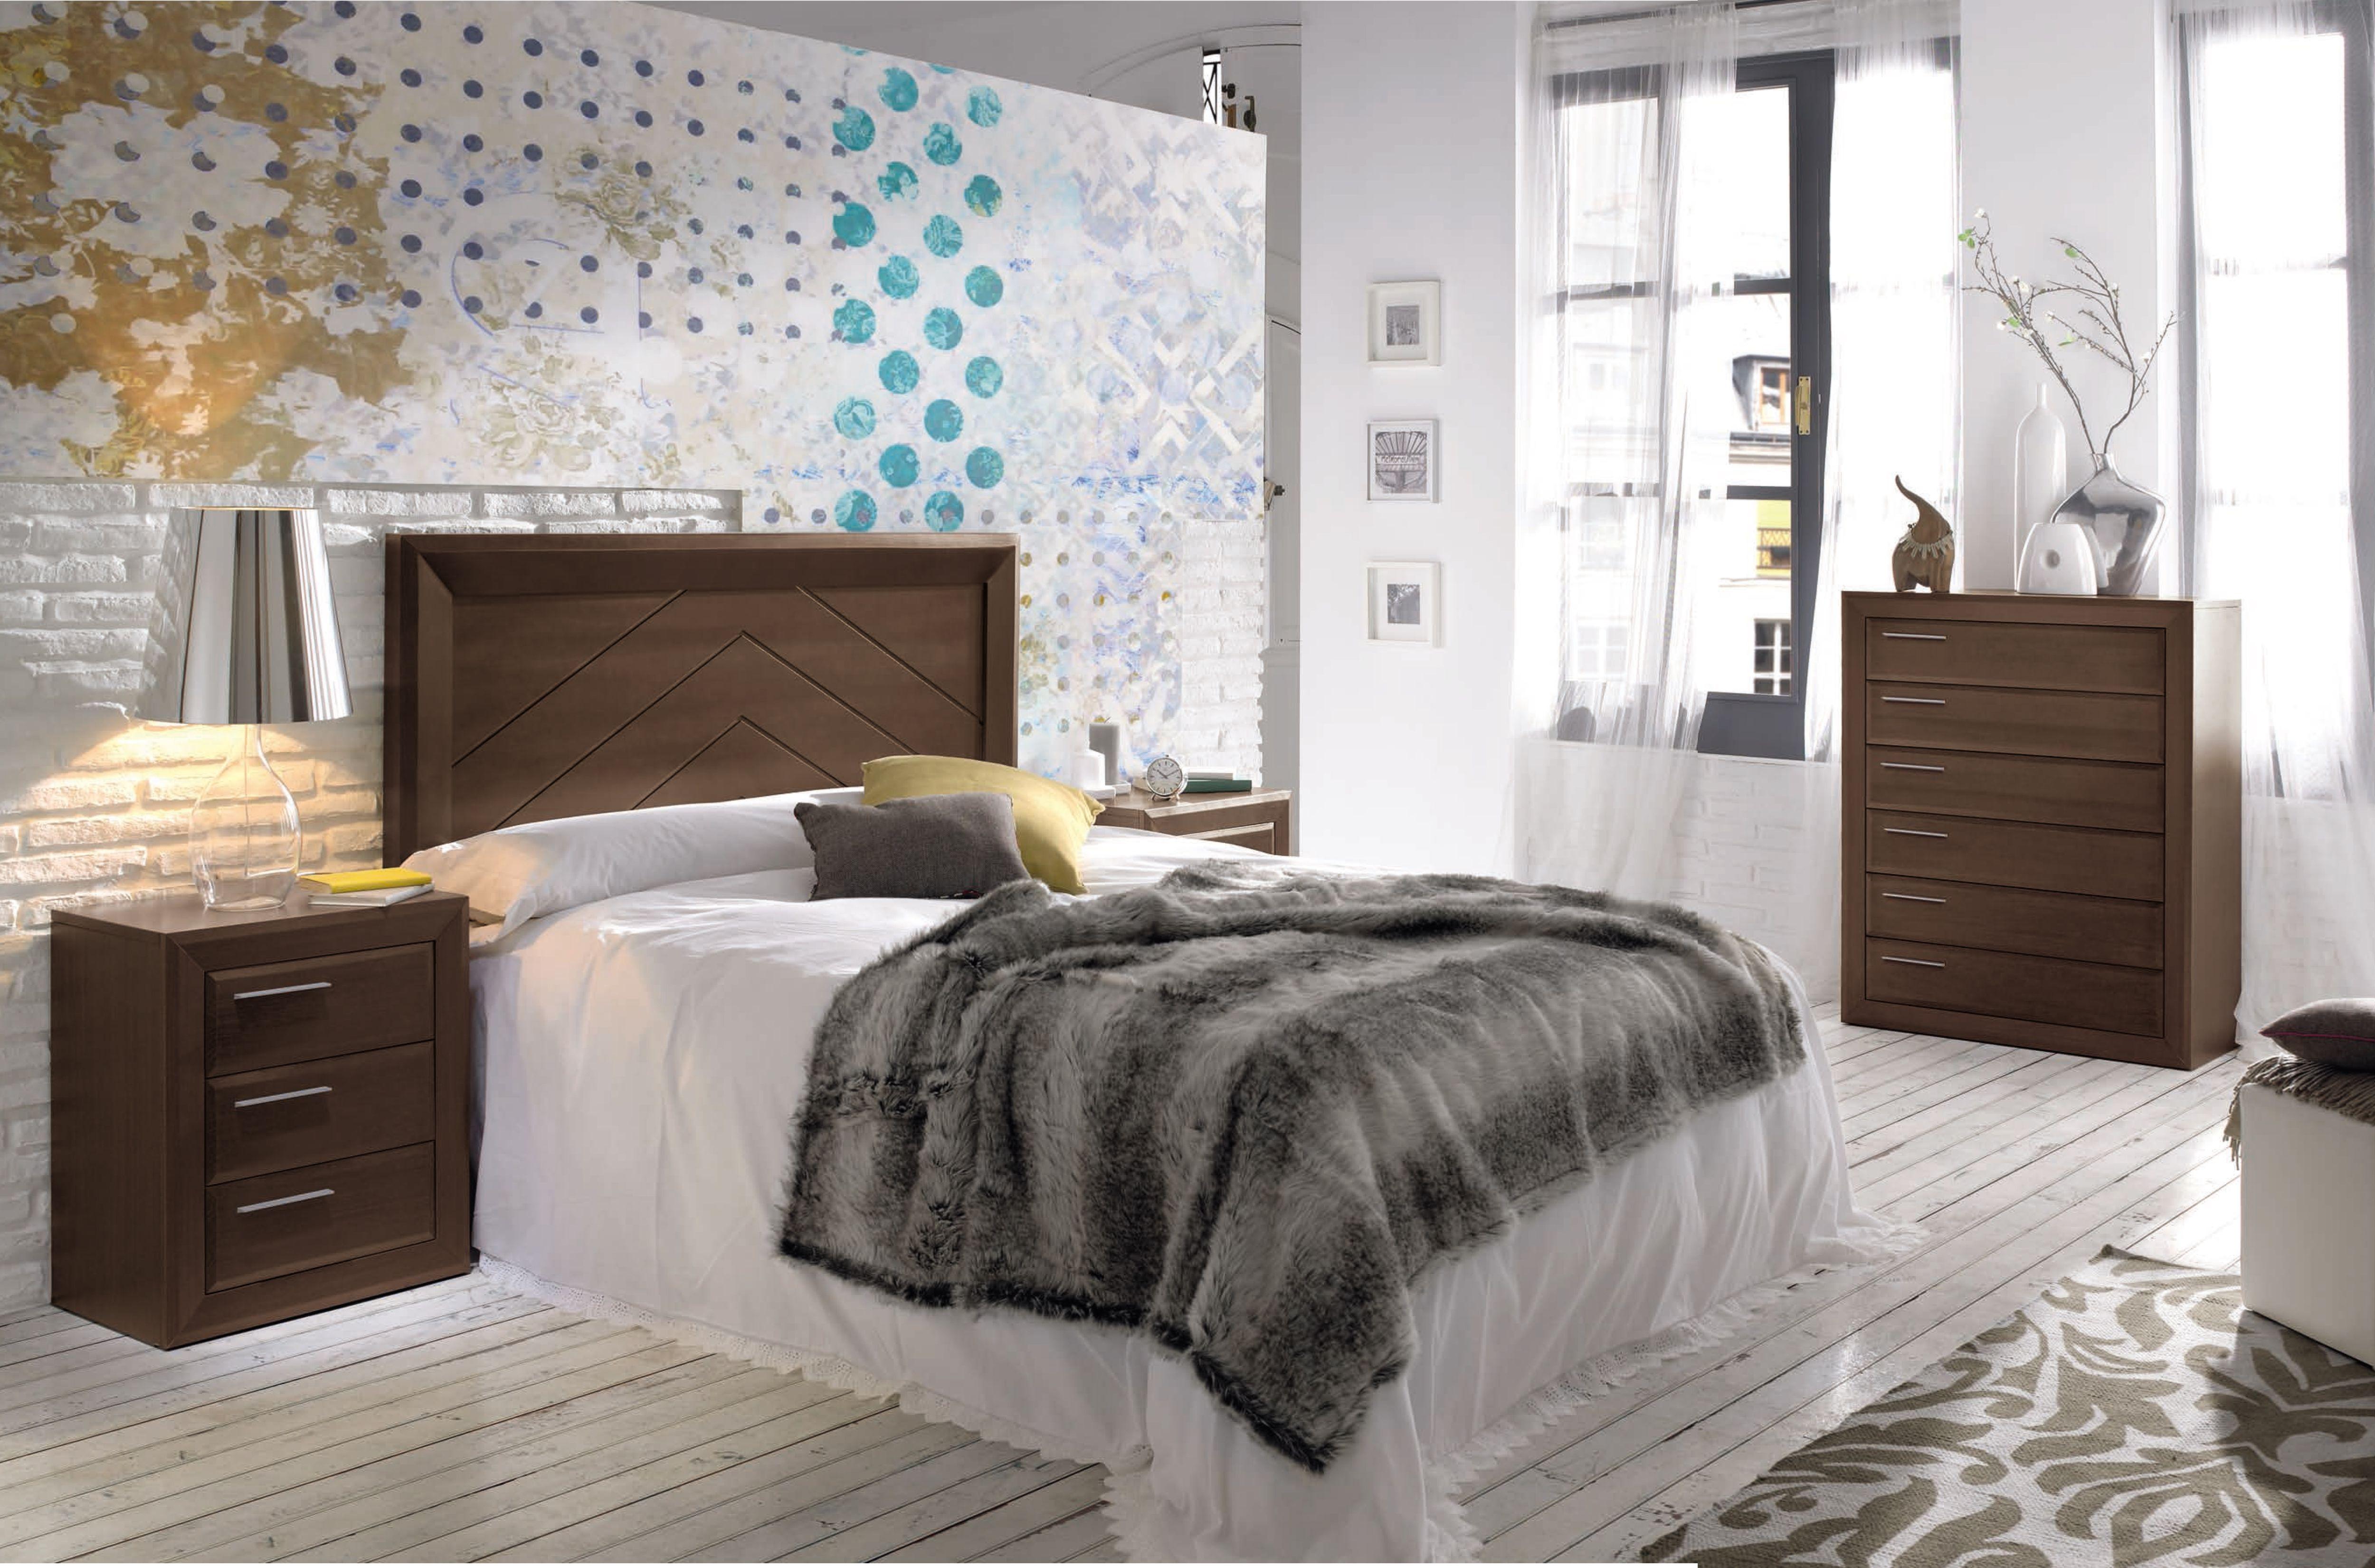 Conjunto dormitorio de matrimonio estilo moderno para cama de 150 y ...